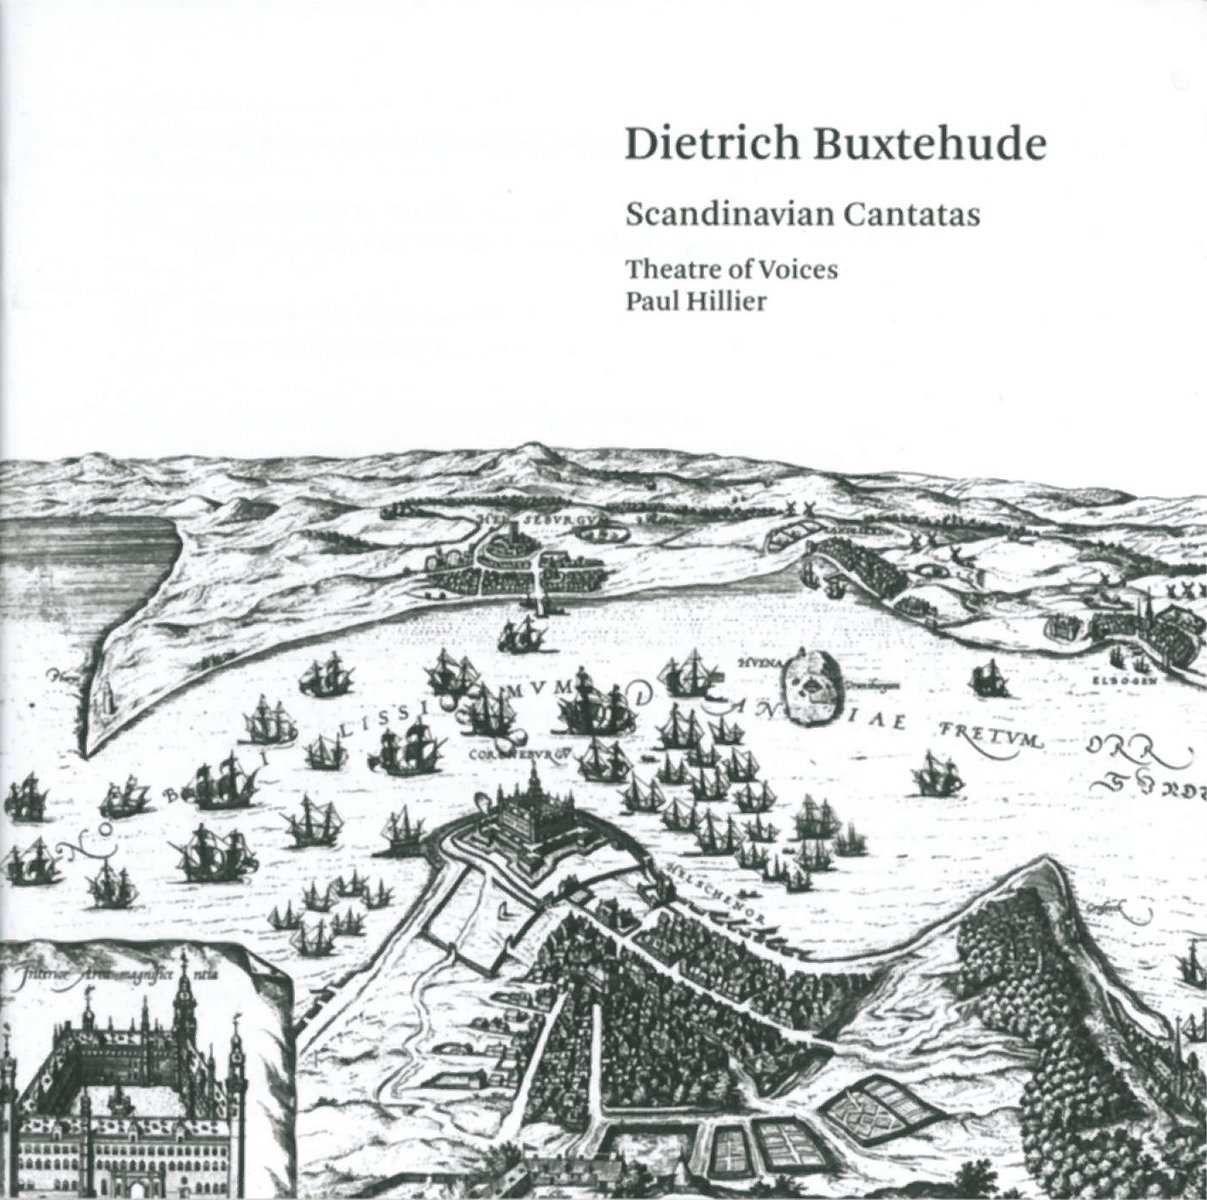 Dietrich Buxtehude (1637 - 1707) - Oeuvres pour orgue Buxtehude+2